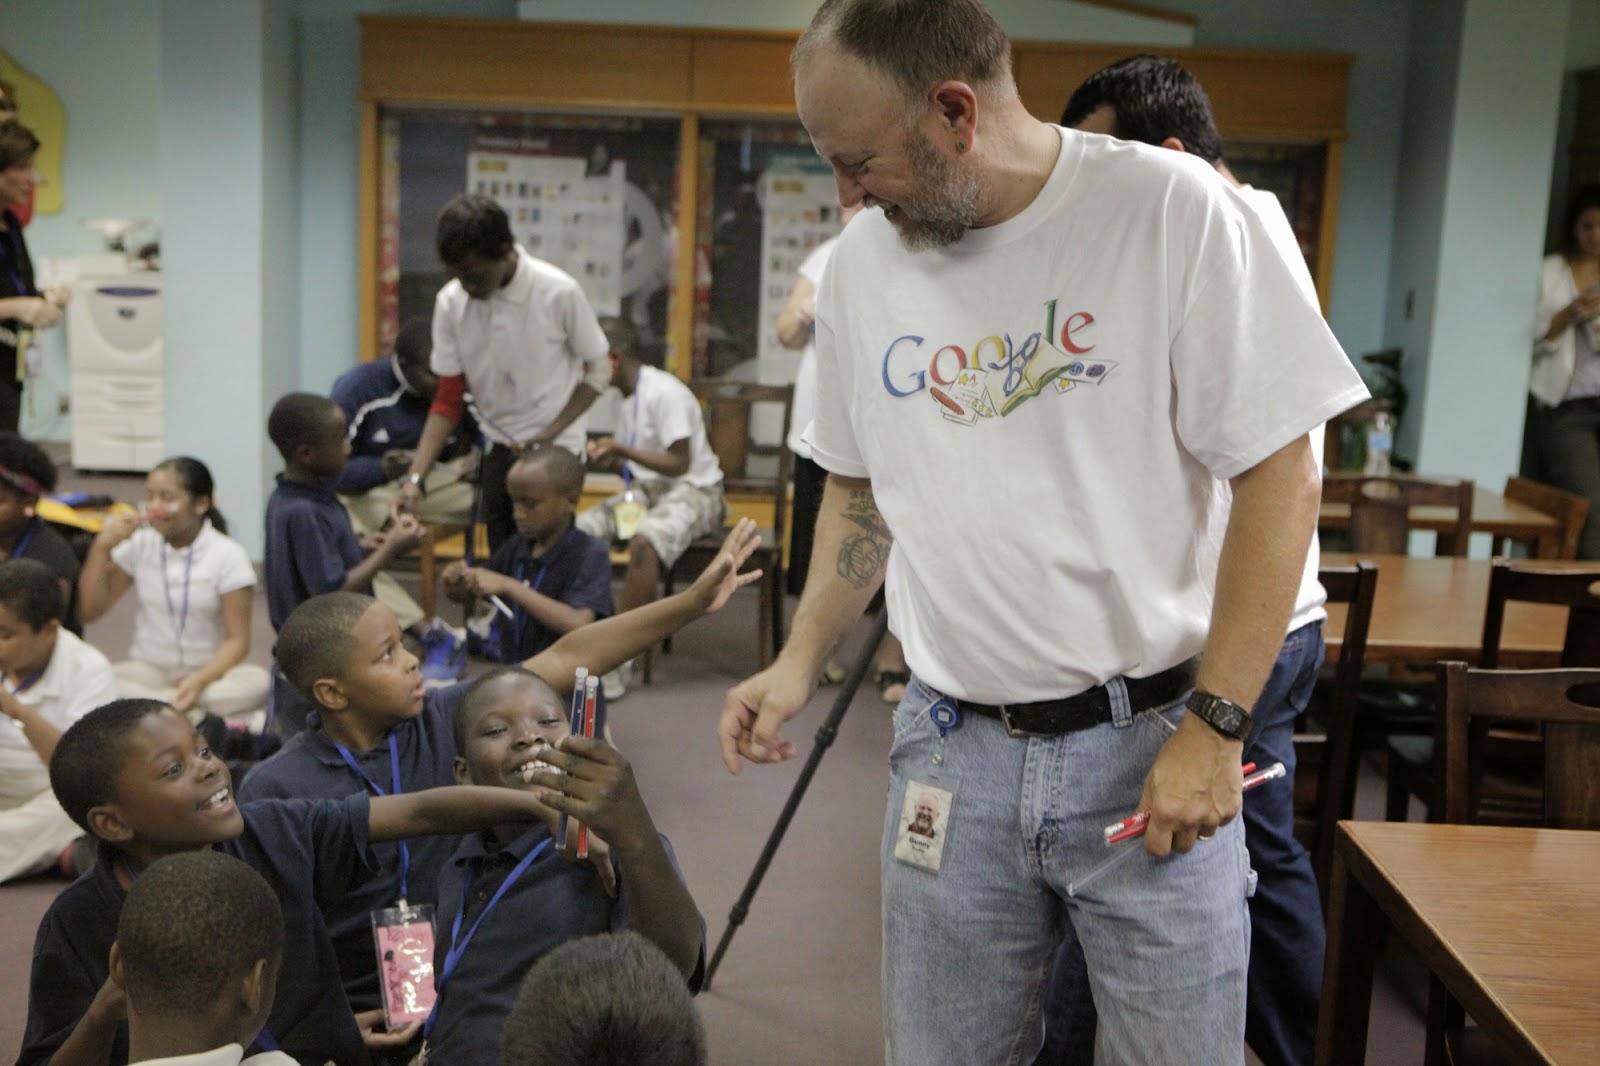 جوجل تحب التبرعات والأعمال الخيرية